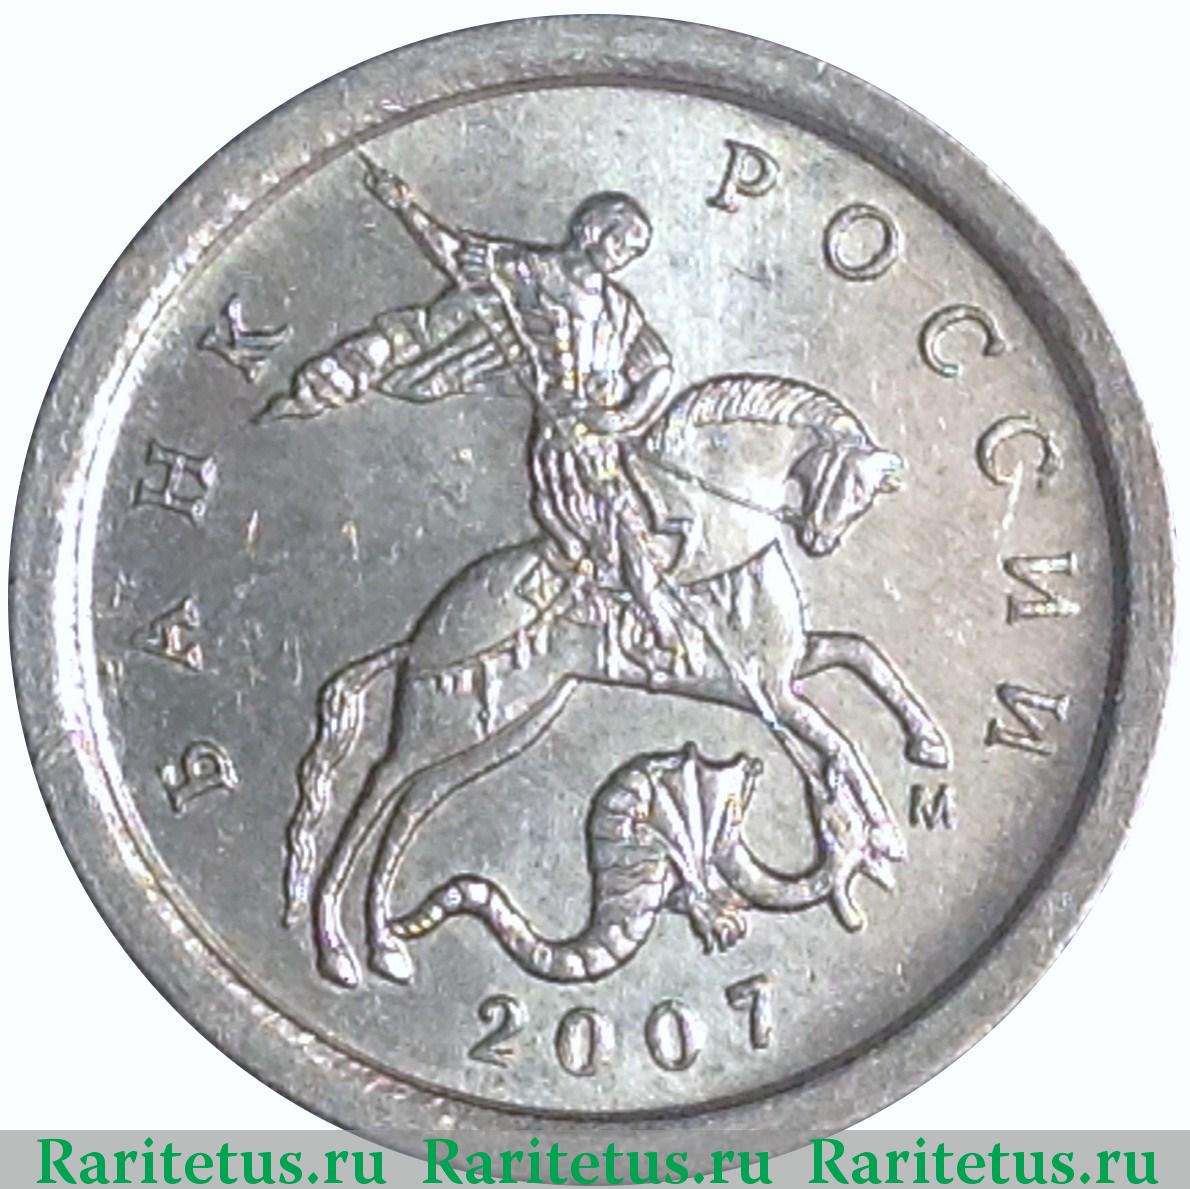 Монета 1 копейка 2007 года стоимость царские рубли фото